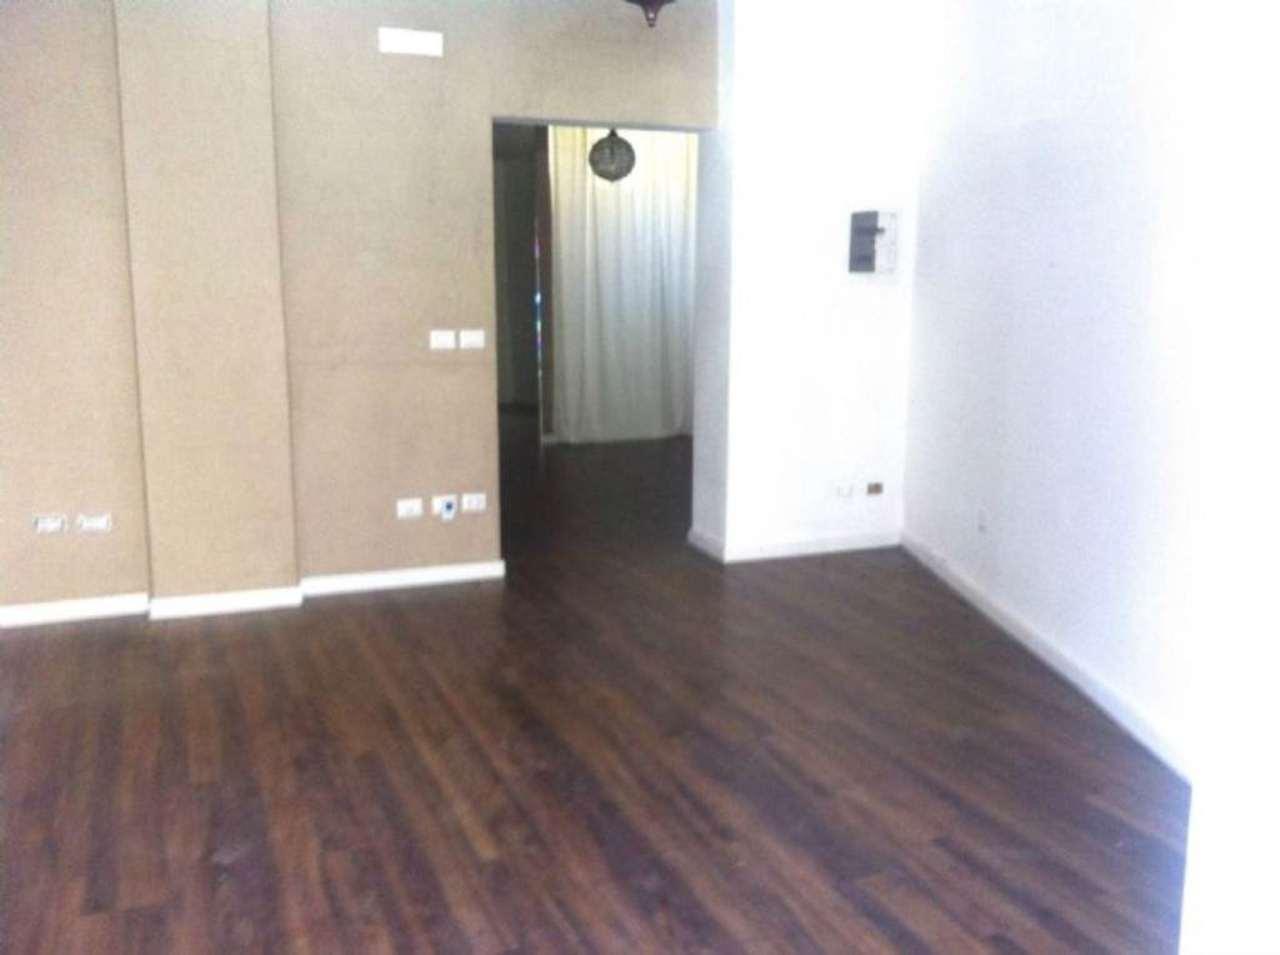 Negozio / Locale in affitto a Sant'Anastasia, 2 locali, prezzo € 550 | Cambio Casa.it